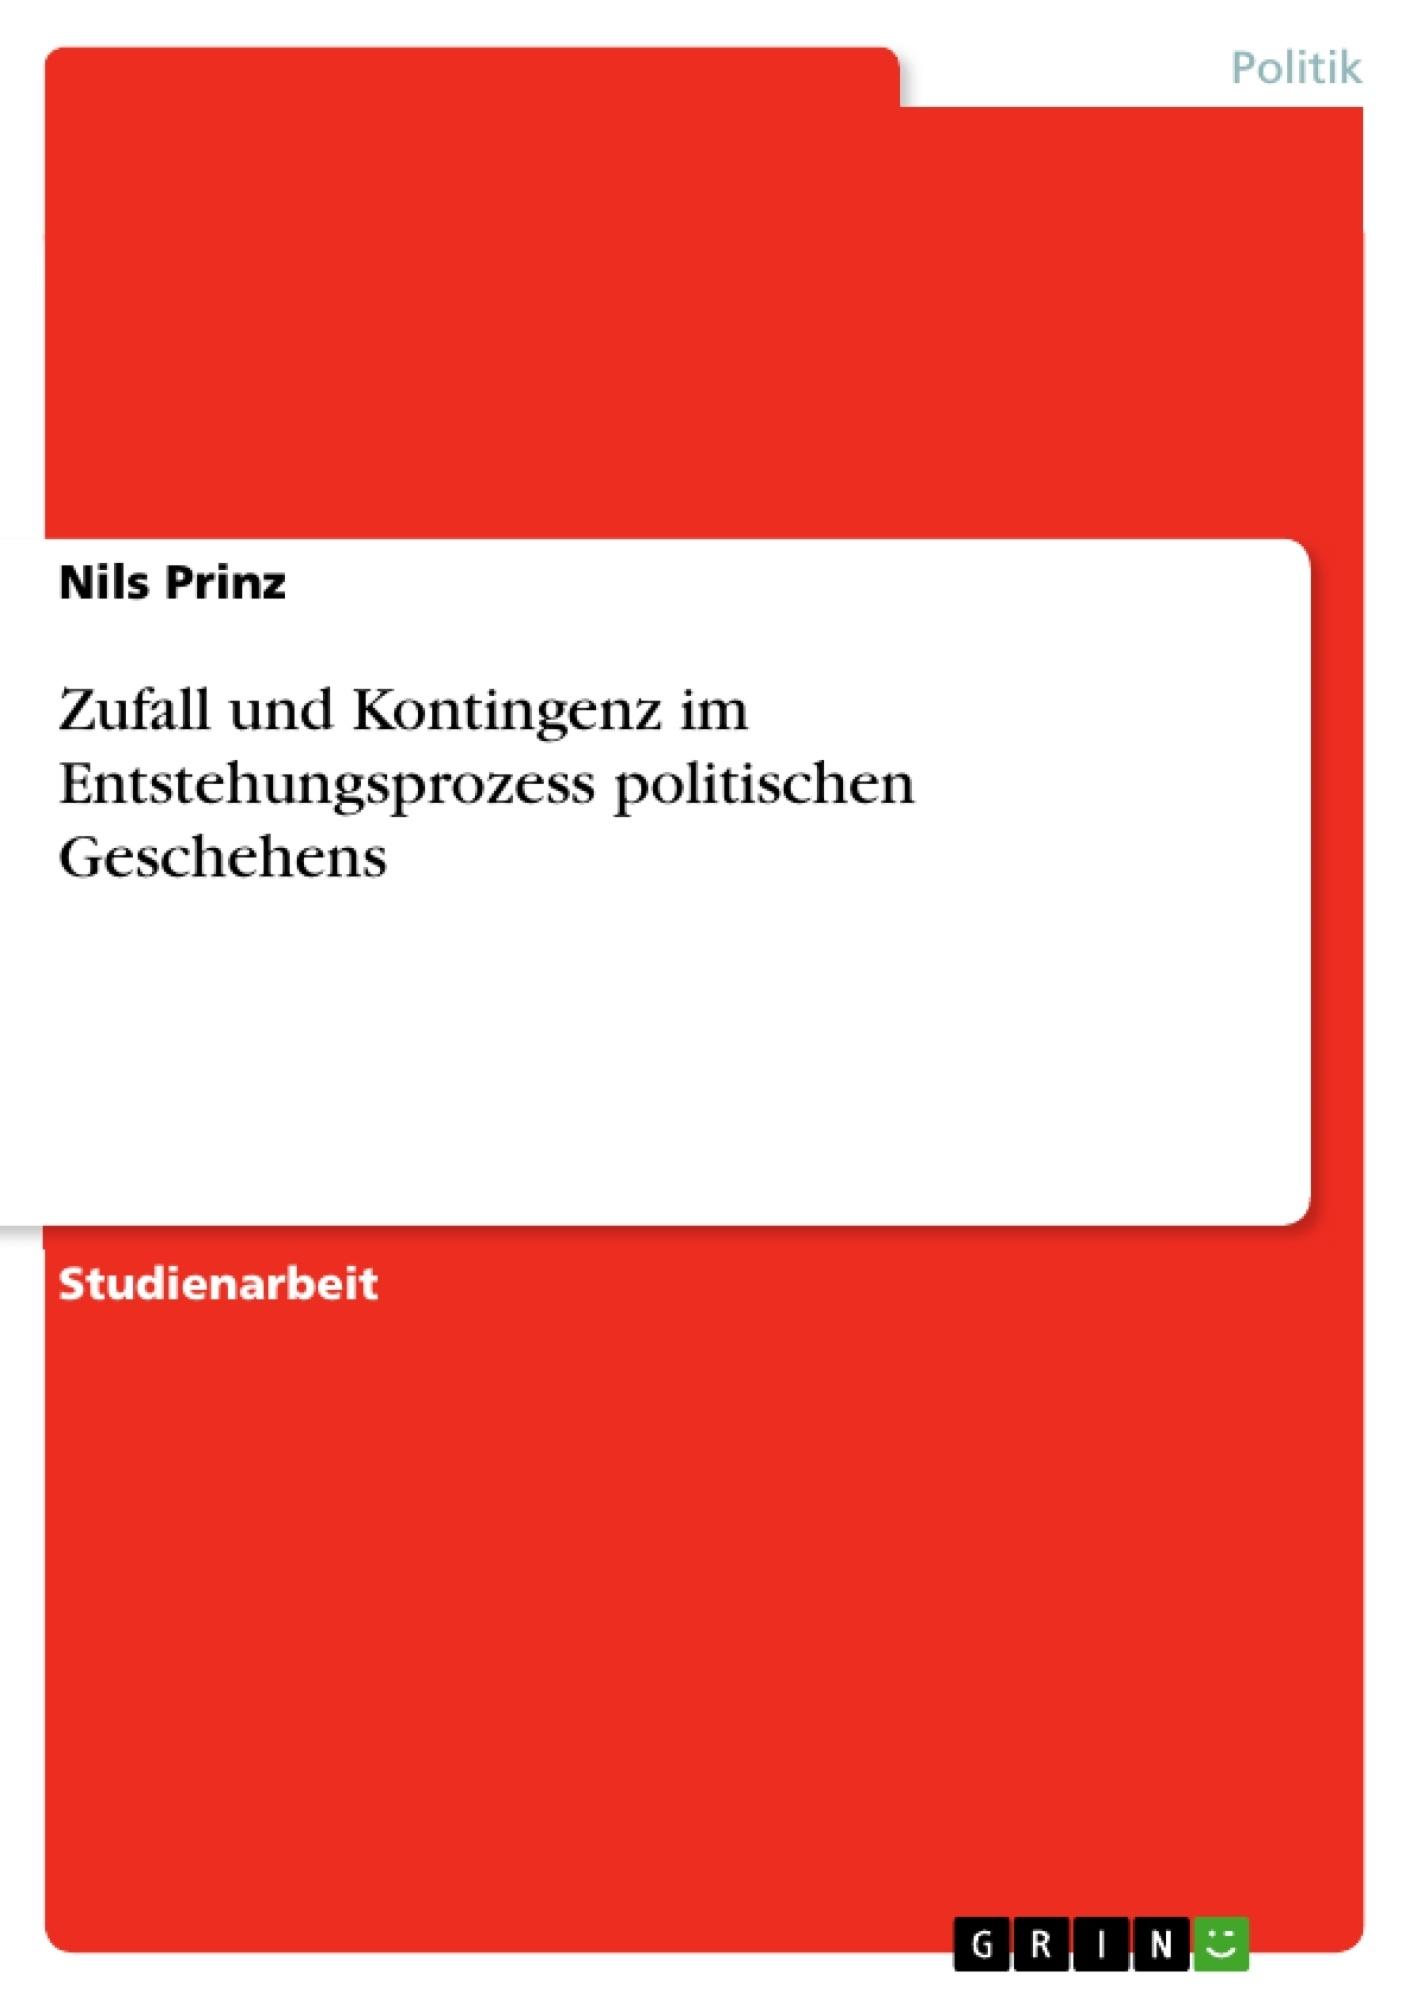 Titel: Zufall und Kontingenz im Entstehungsprozess politischen Geschehens